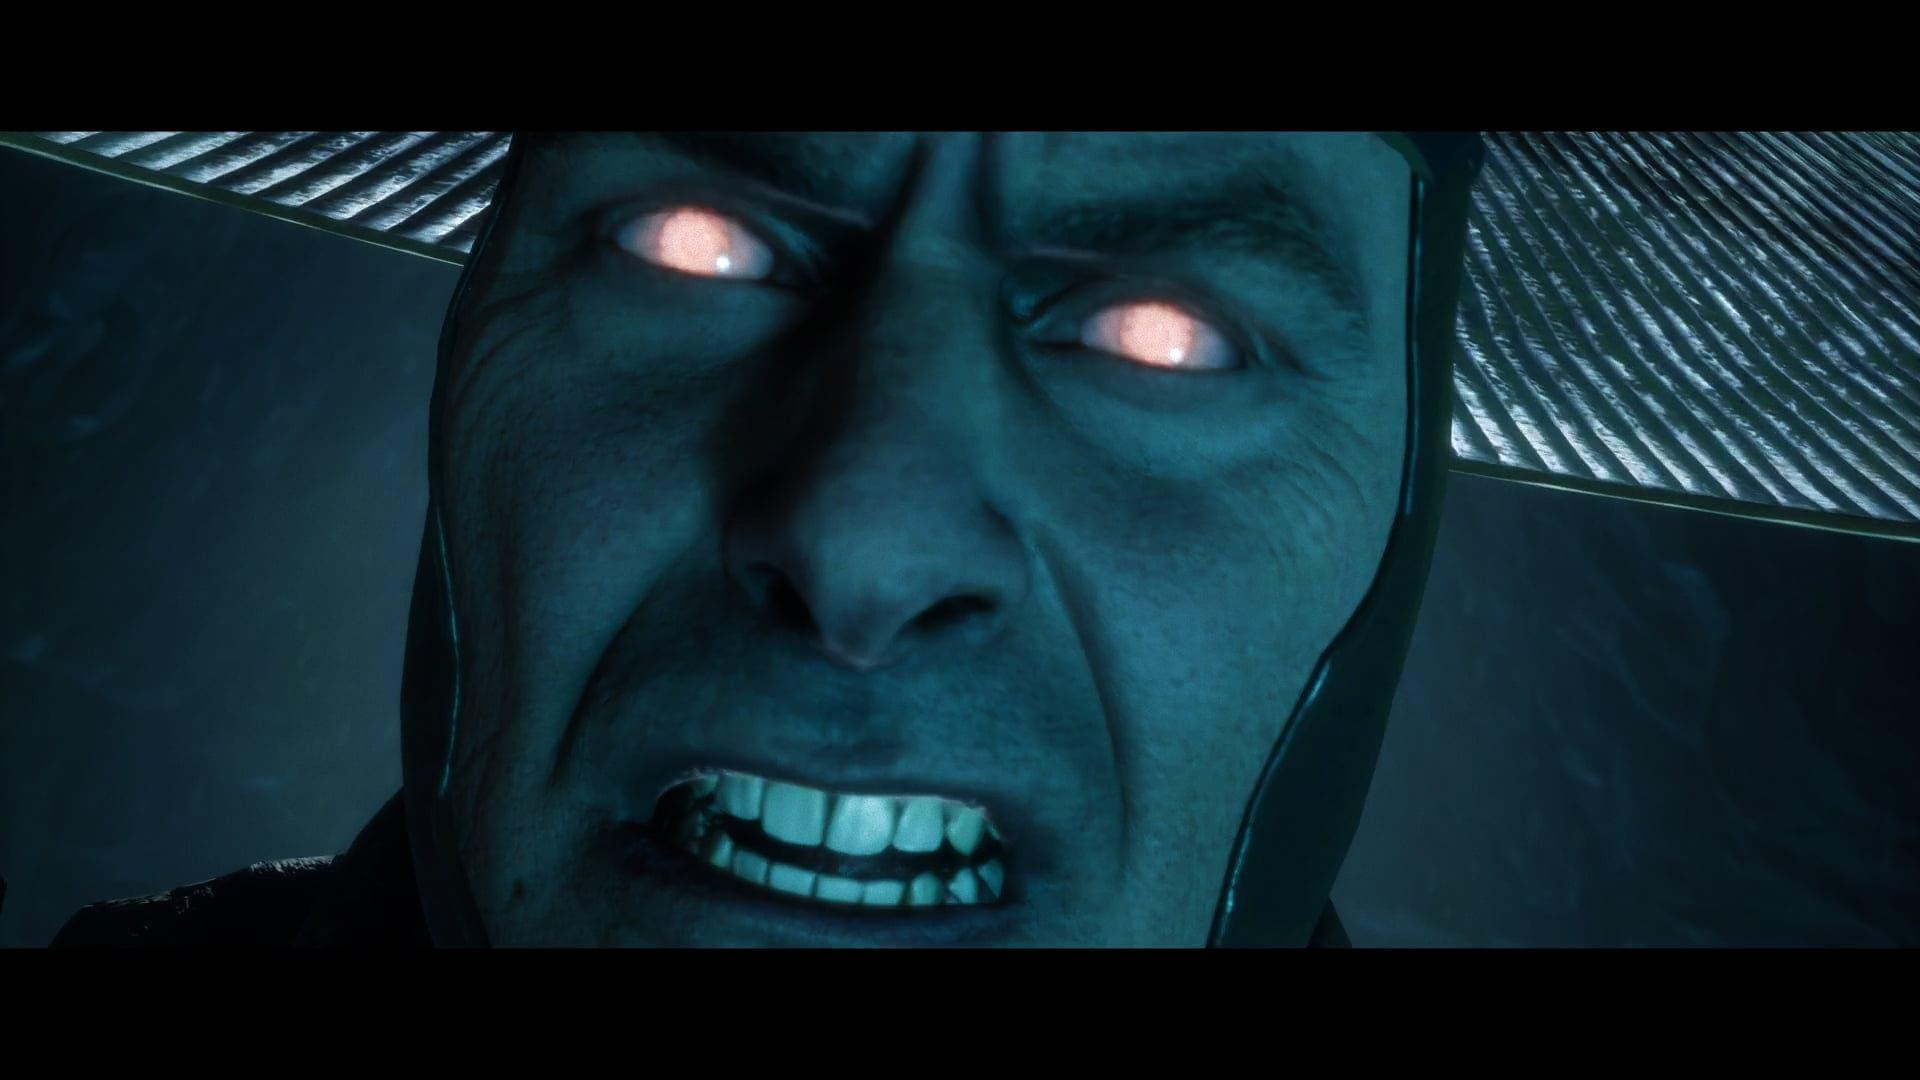 El modo competitivo de Mortal Kombat 11 llega como actualización gratuita mañana